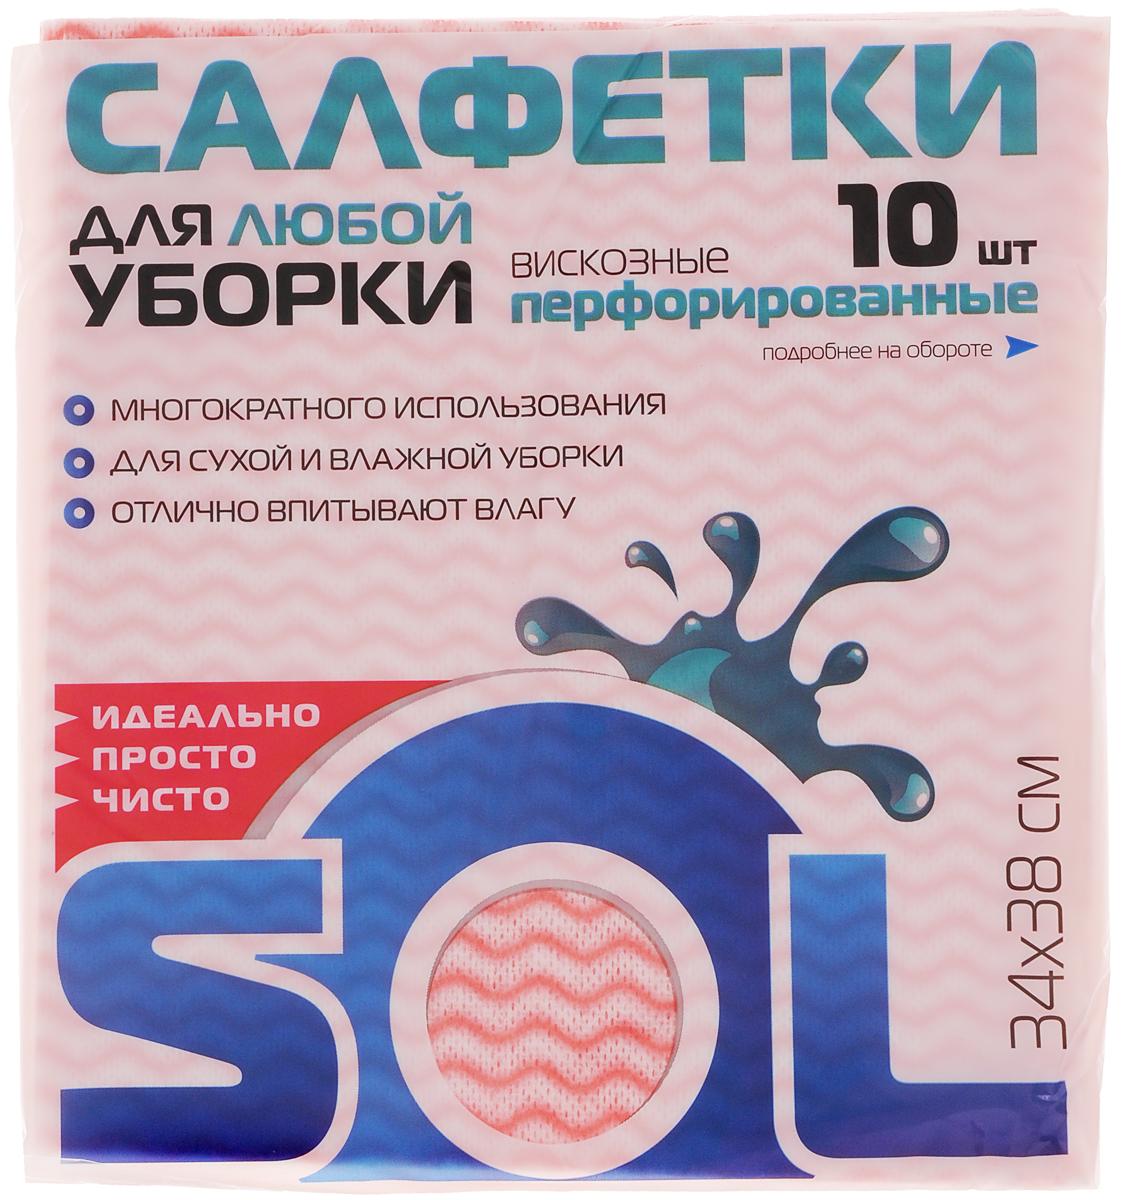 Салфетка для уборки Sol из вискозы, перфорированная, цвет: белый, розовый, 34 x 38 см, 10 шт10043_розовыйПерфорированные салфетки для уборки Sol, выполненные из вискозы, предназначены для уборки и могут применяться с различными моющими средствами. Эффективно впитывают жидкость. Мягкие и прочные, легко отжимаются и быстро сохнут.Рекомендации по уходу: Для обеспечения гигиеничности уборки после применения прополоскать в теплой воде.Для продления срока службы не применять машинную стирку, не гладить и не кипятить.